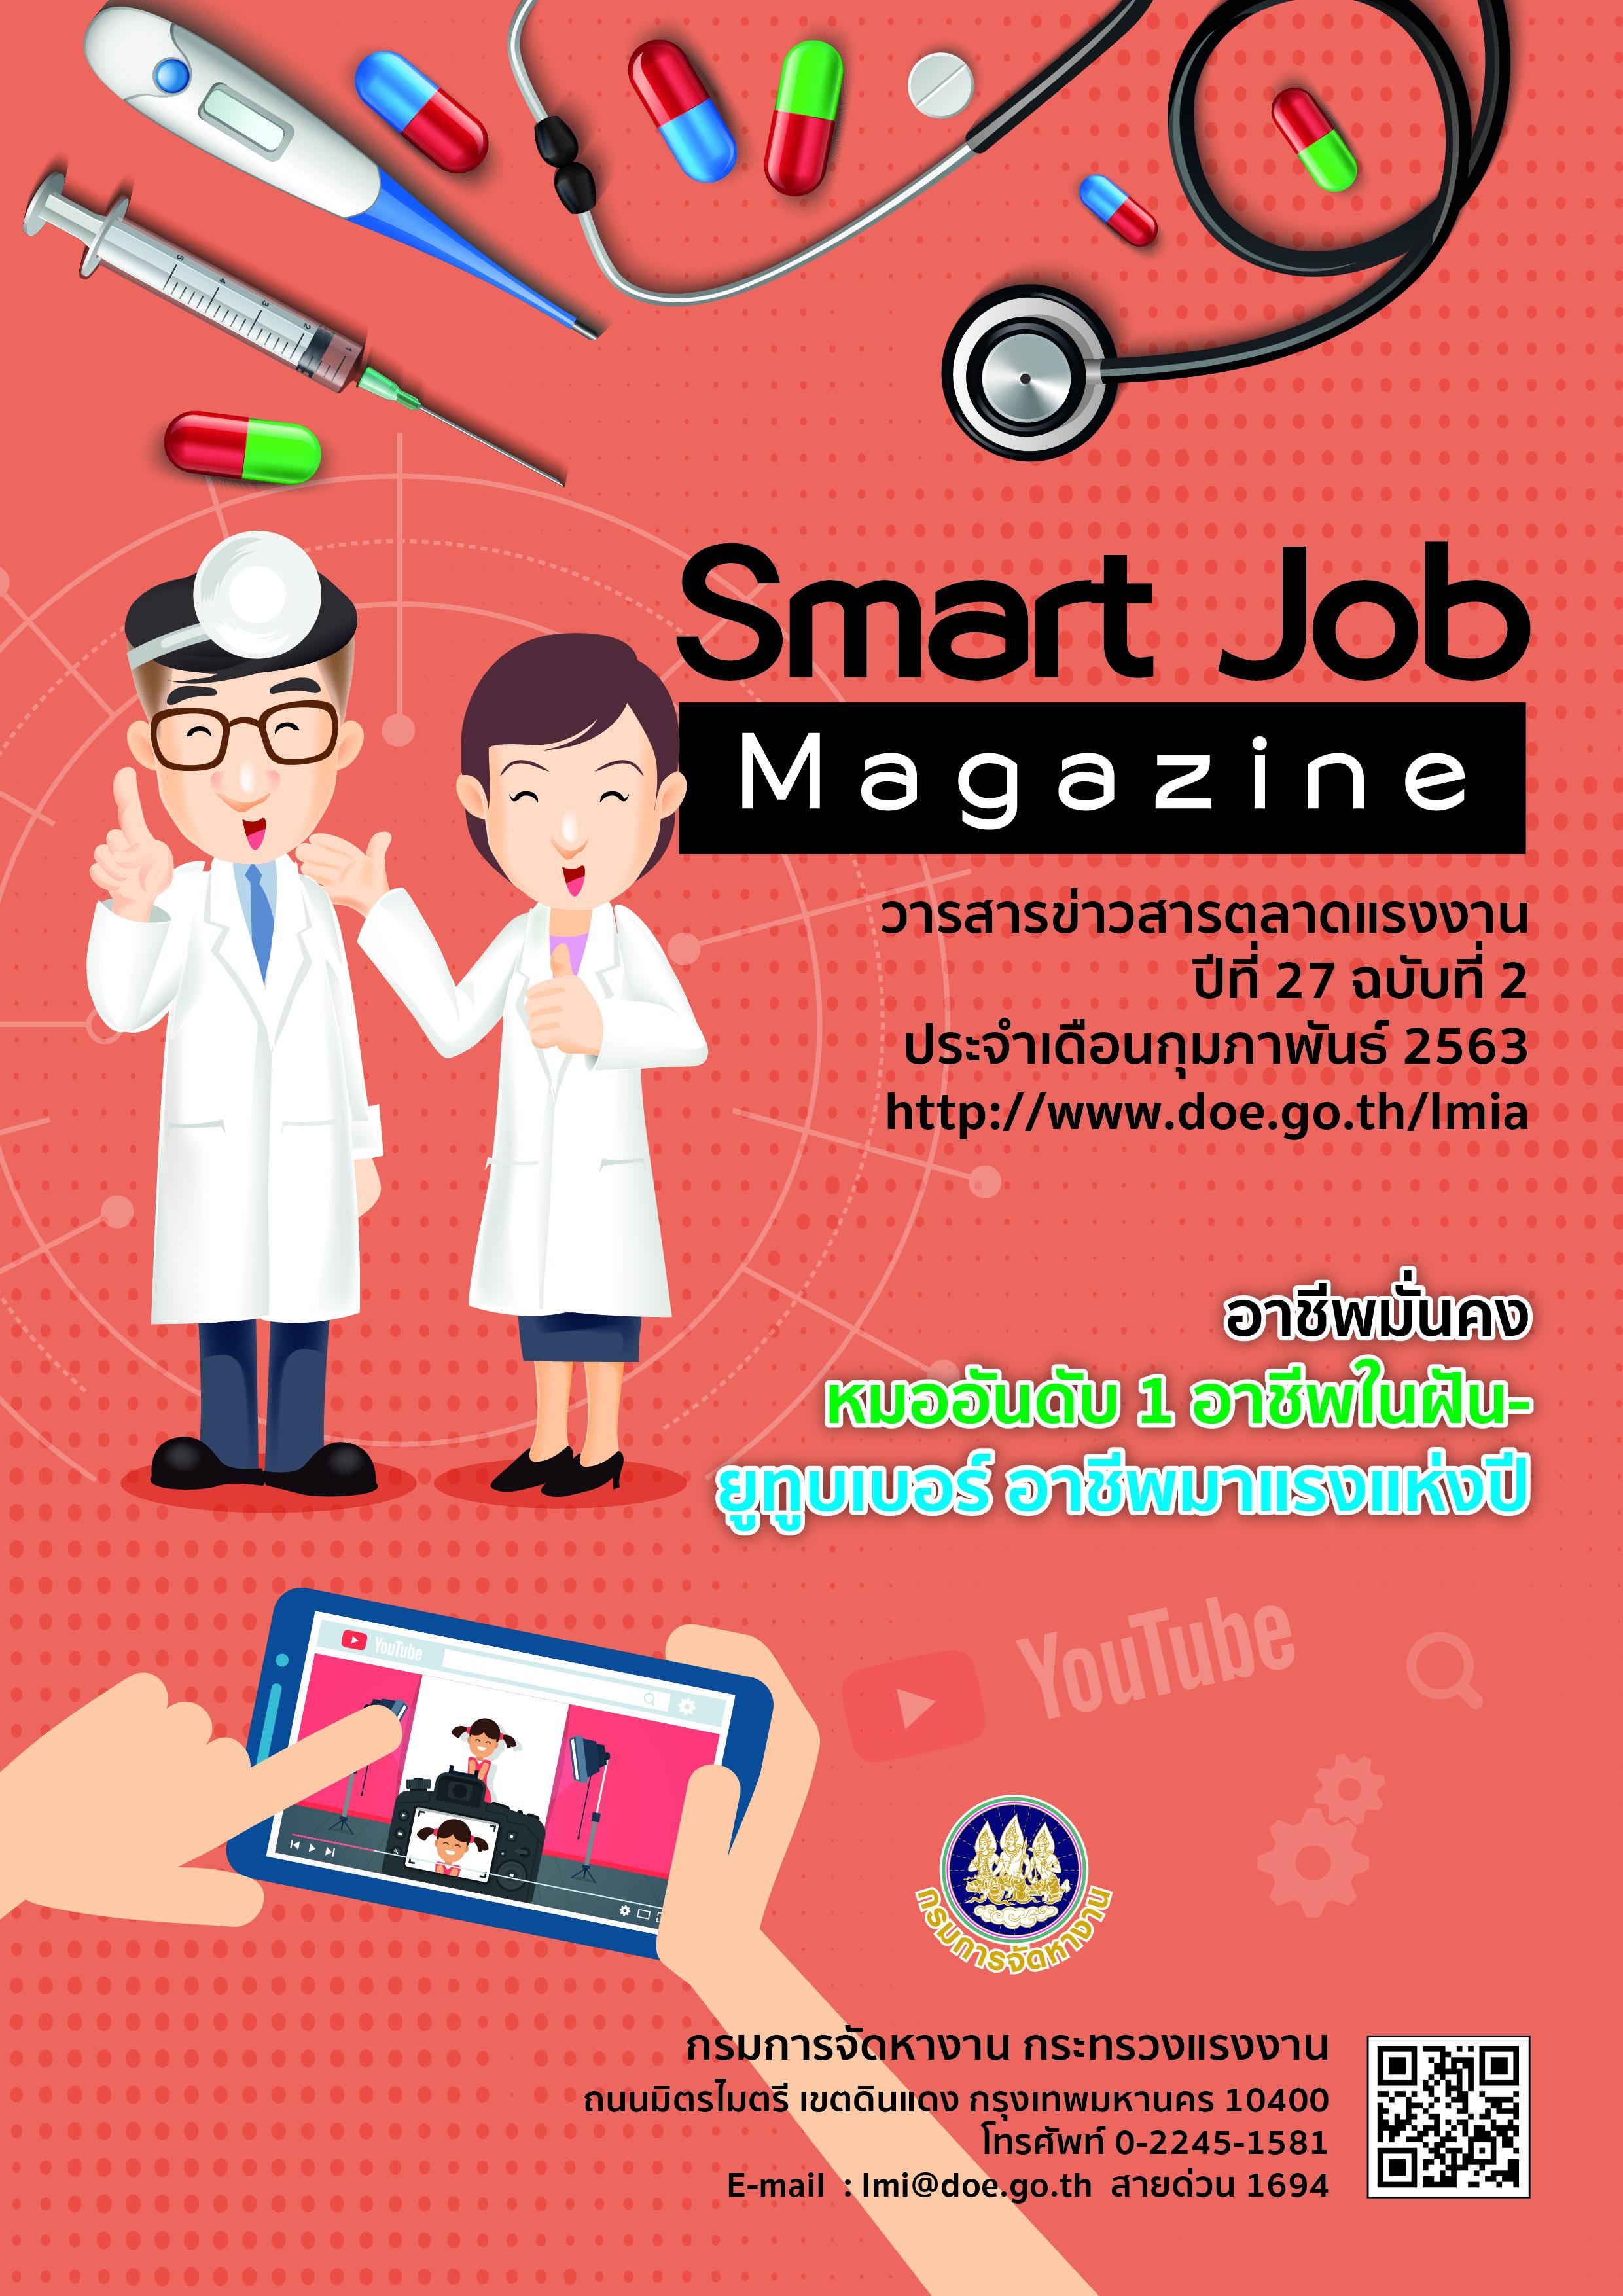 วารสารข่าวสารตลาดแรงงาน Smart Job Magazine ประจำเดือนกุมภาพันธ์ 2563